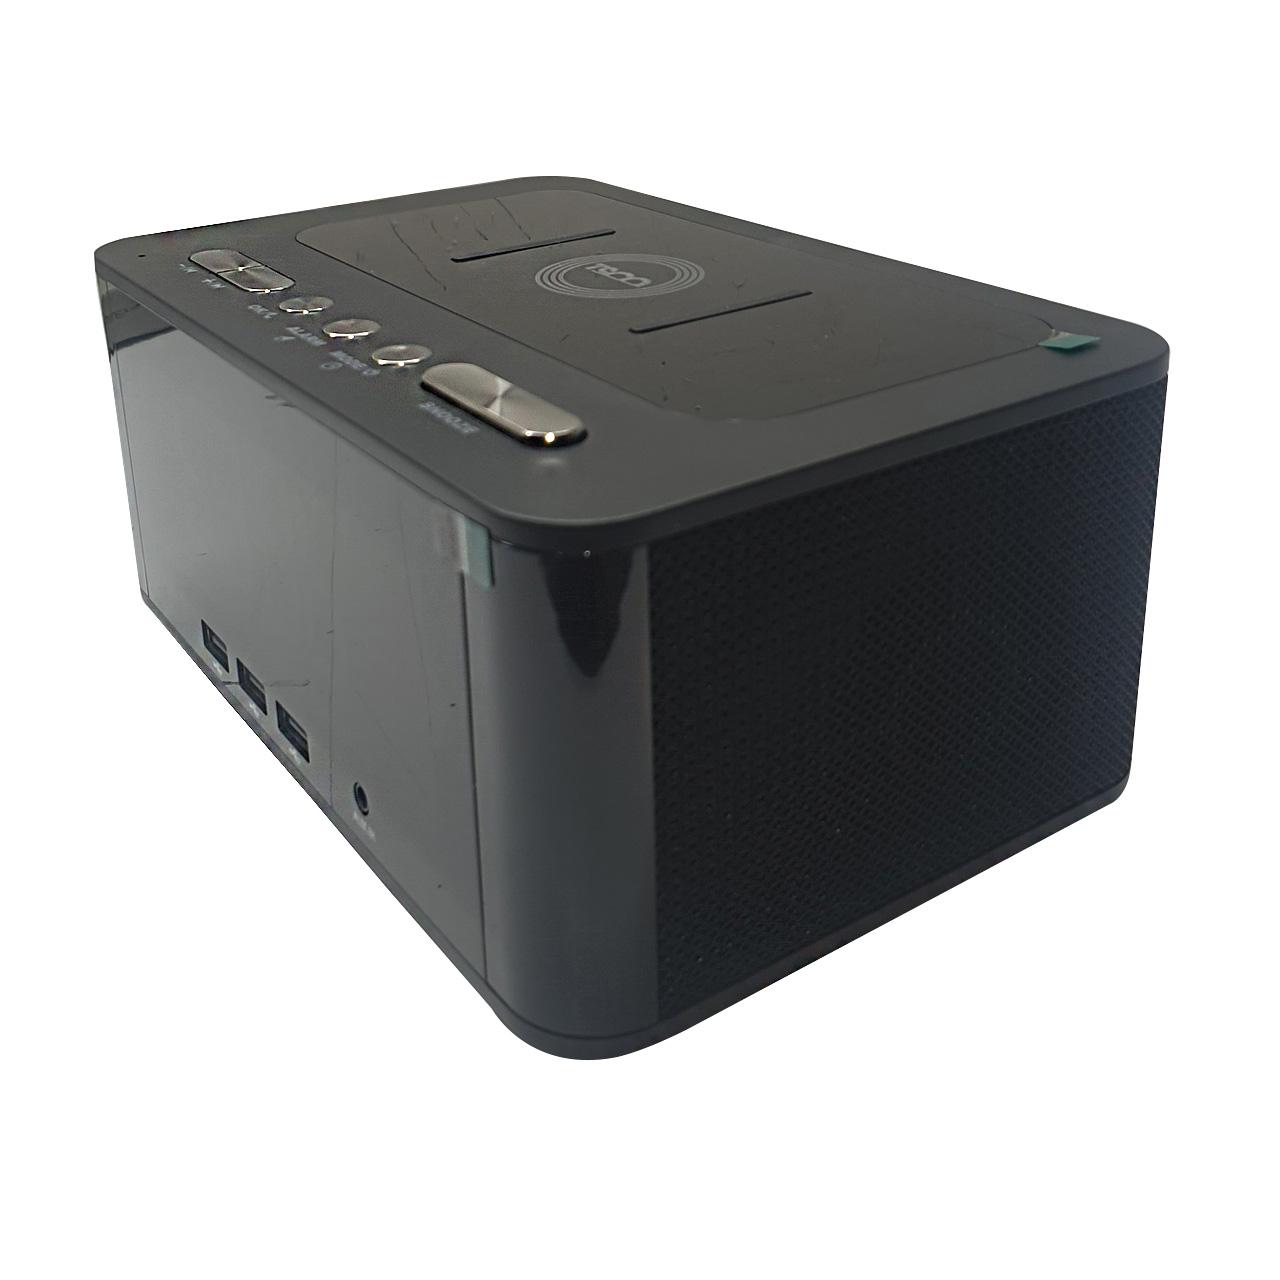 اسپیکر دسکتاپ برند TSCO مدل TS 2350